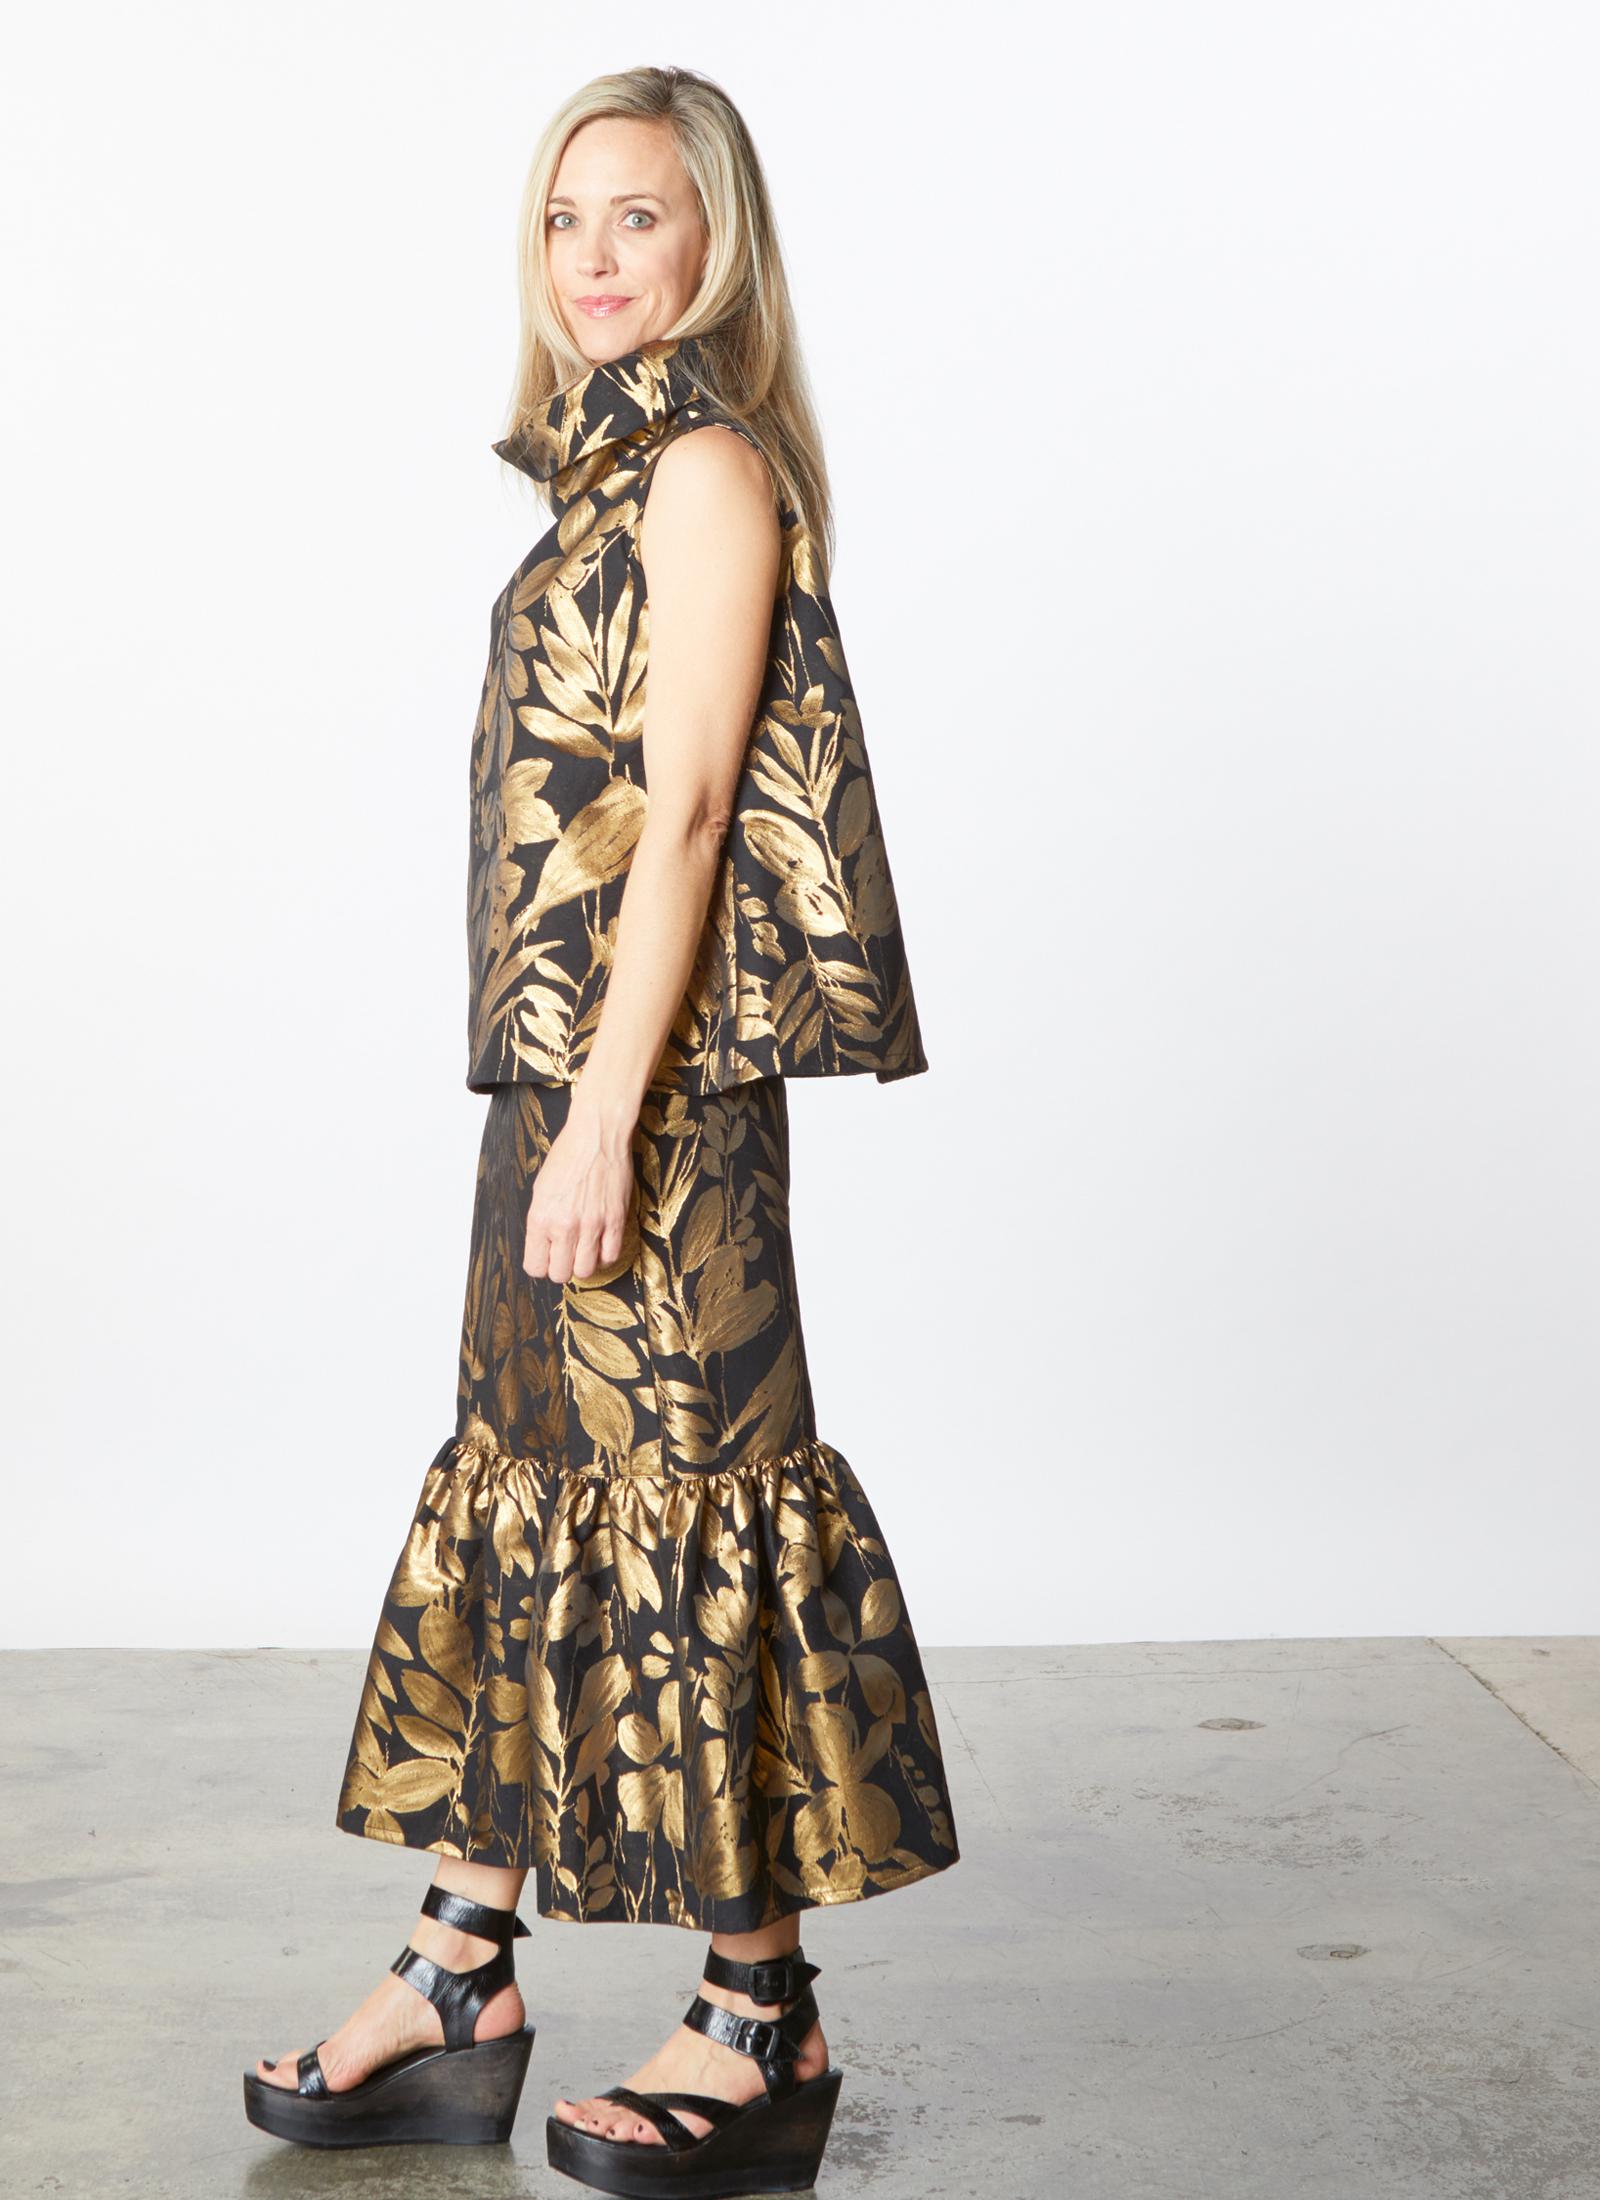 Etta Vest, Ruffle Skirt in Gold Italian Folie d'Oro